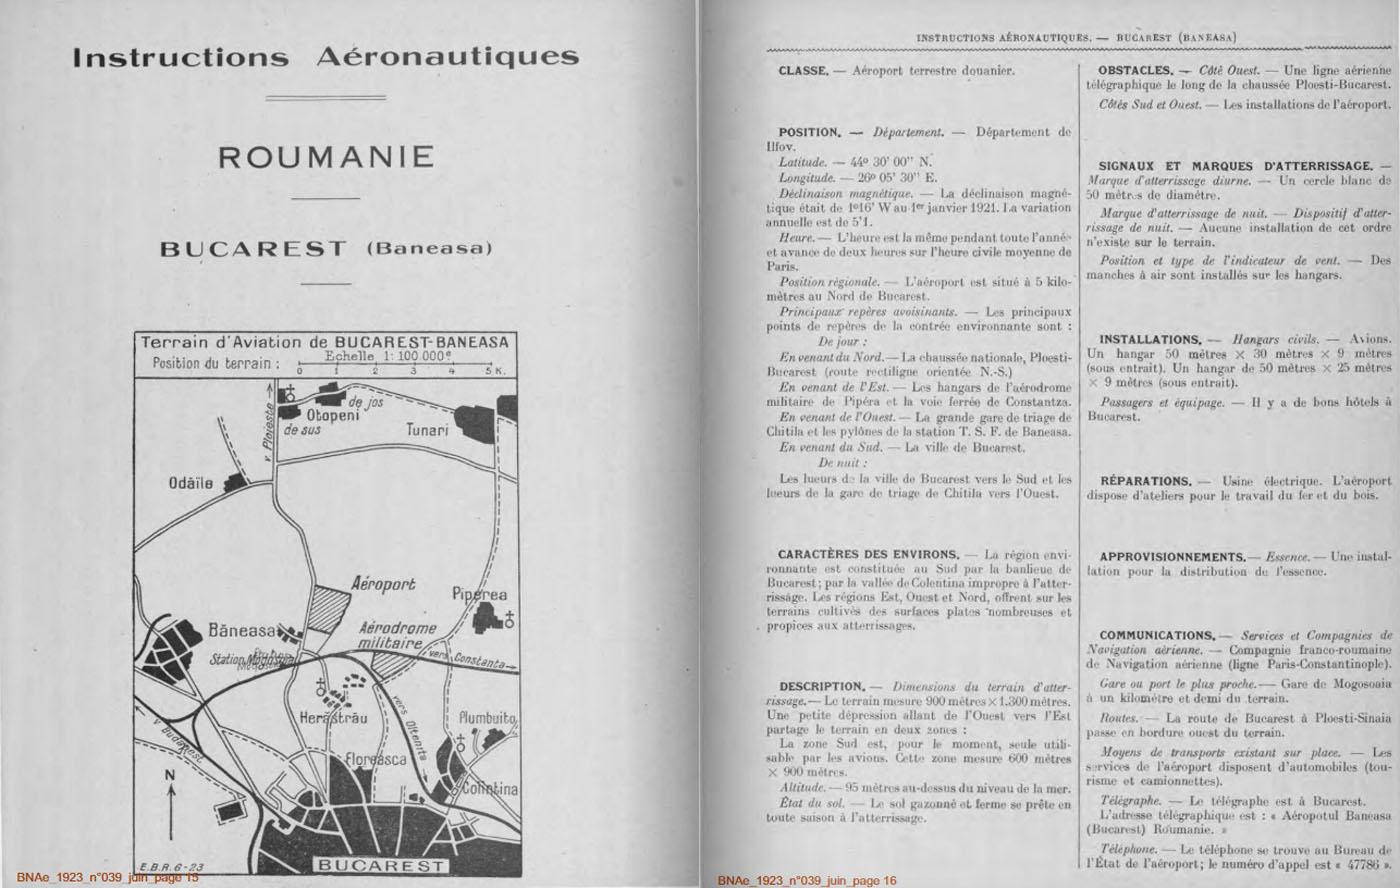 Bulletin de la Navigation Aeriene (Franta) | nr. 39/iunie.1923 | pag. 15-16